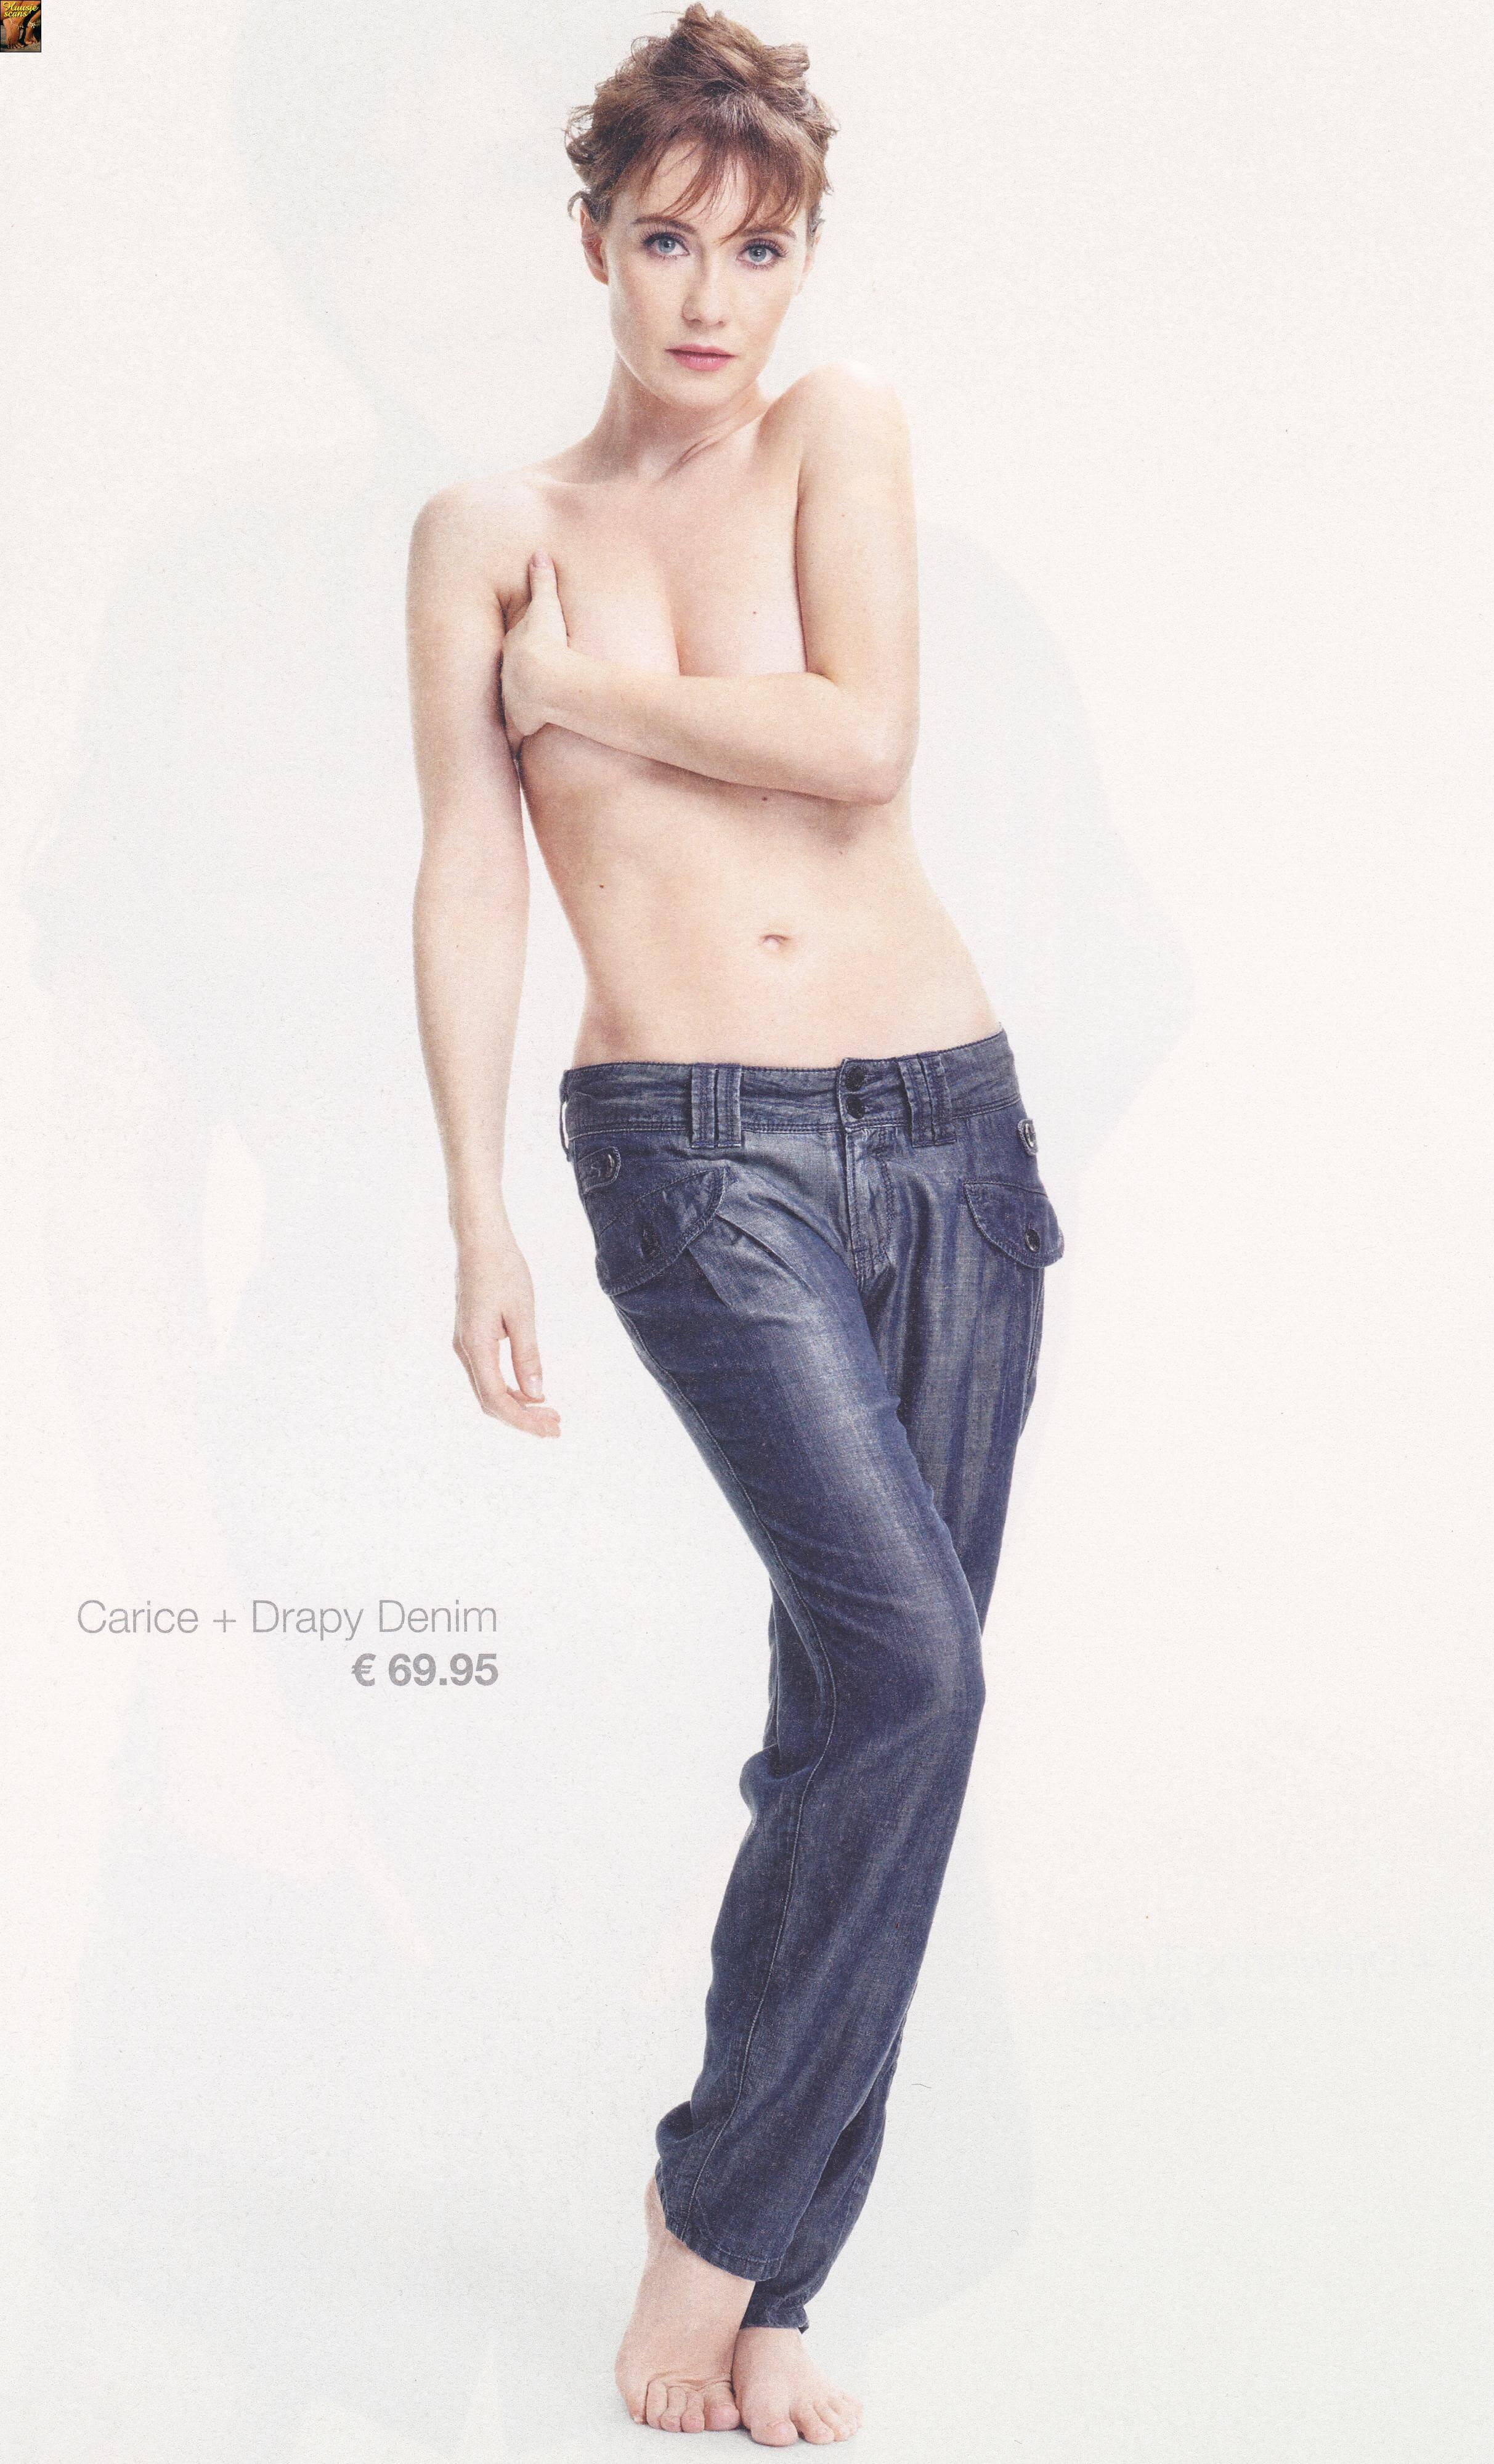 Carice van Houten topless (2)